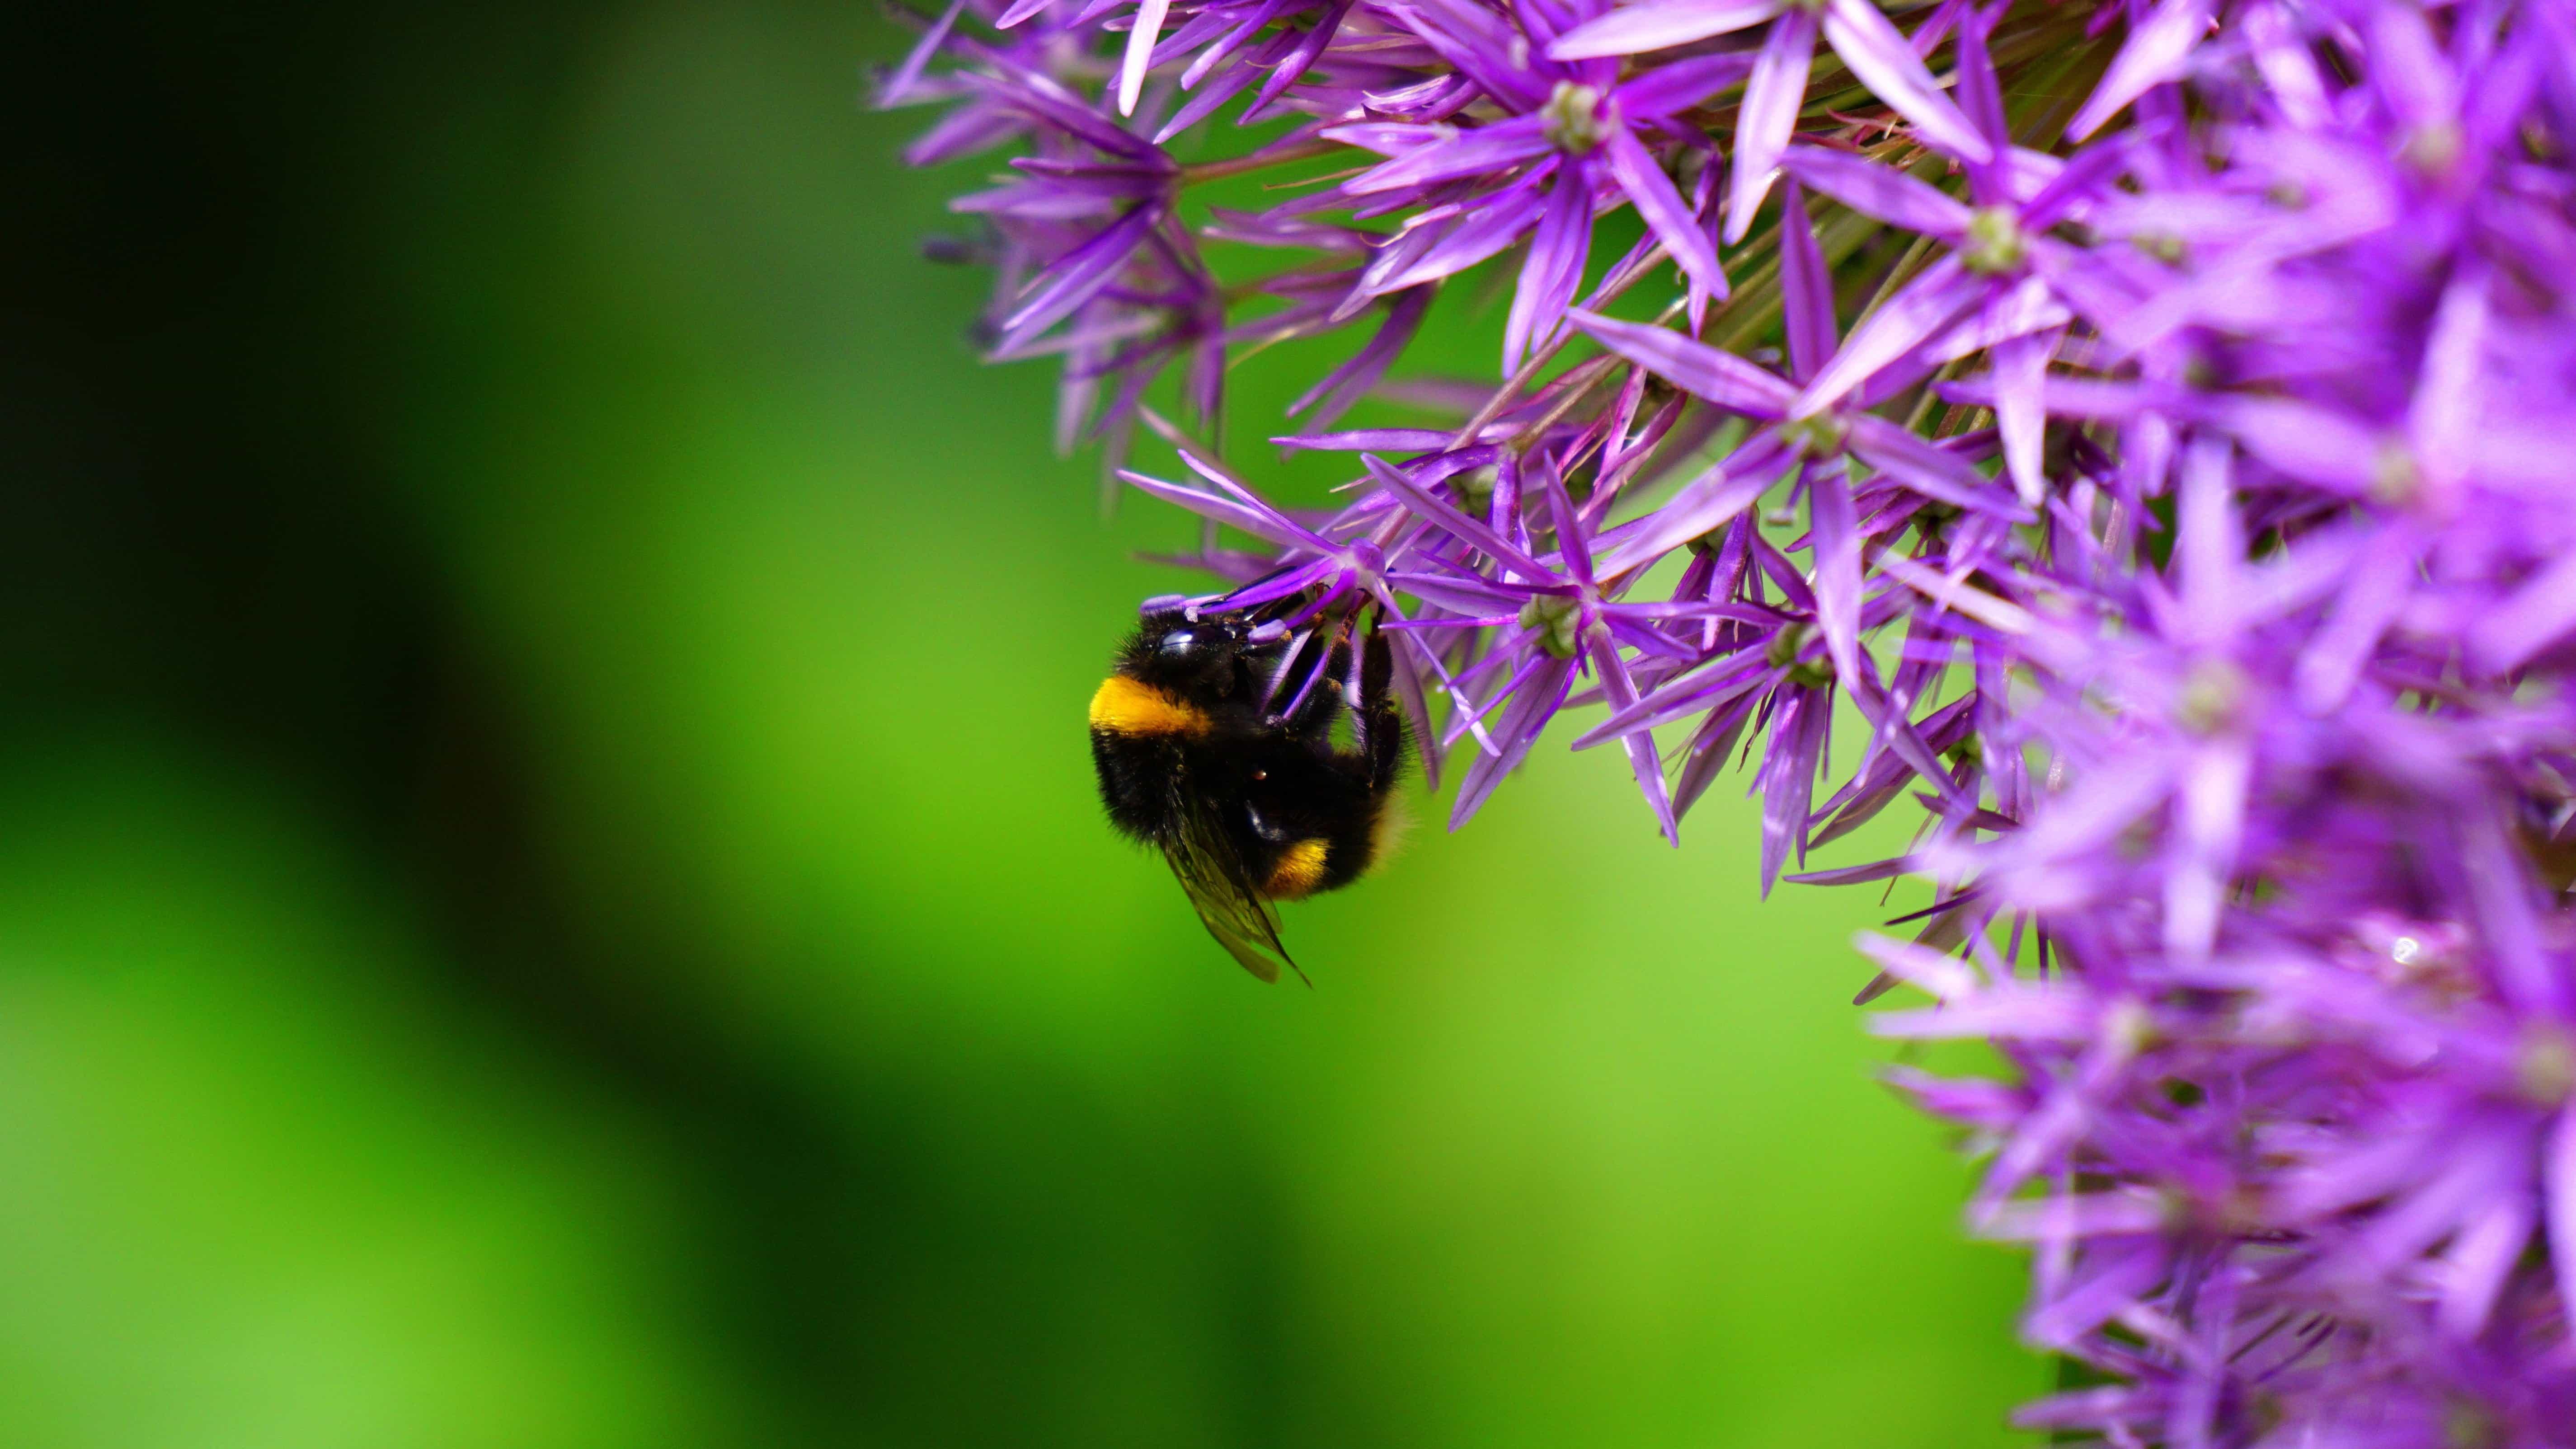 Image libre: nature, insecte, macro, été, pollinisation ...